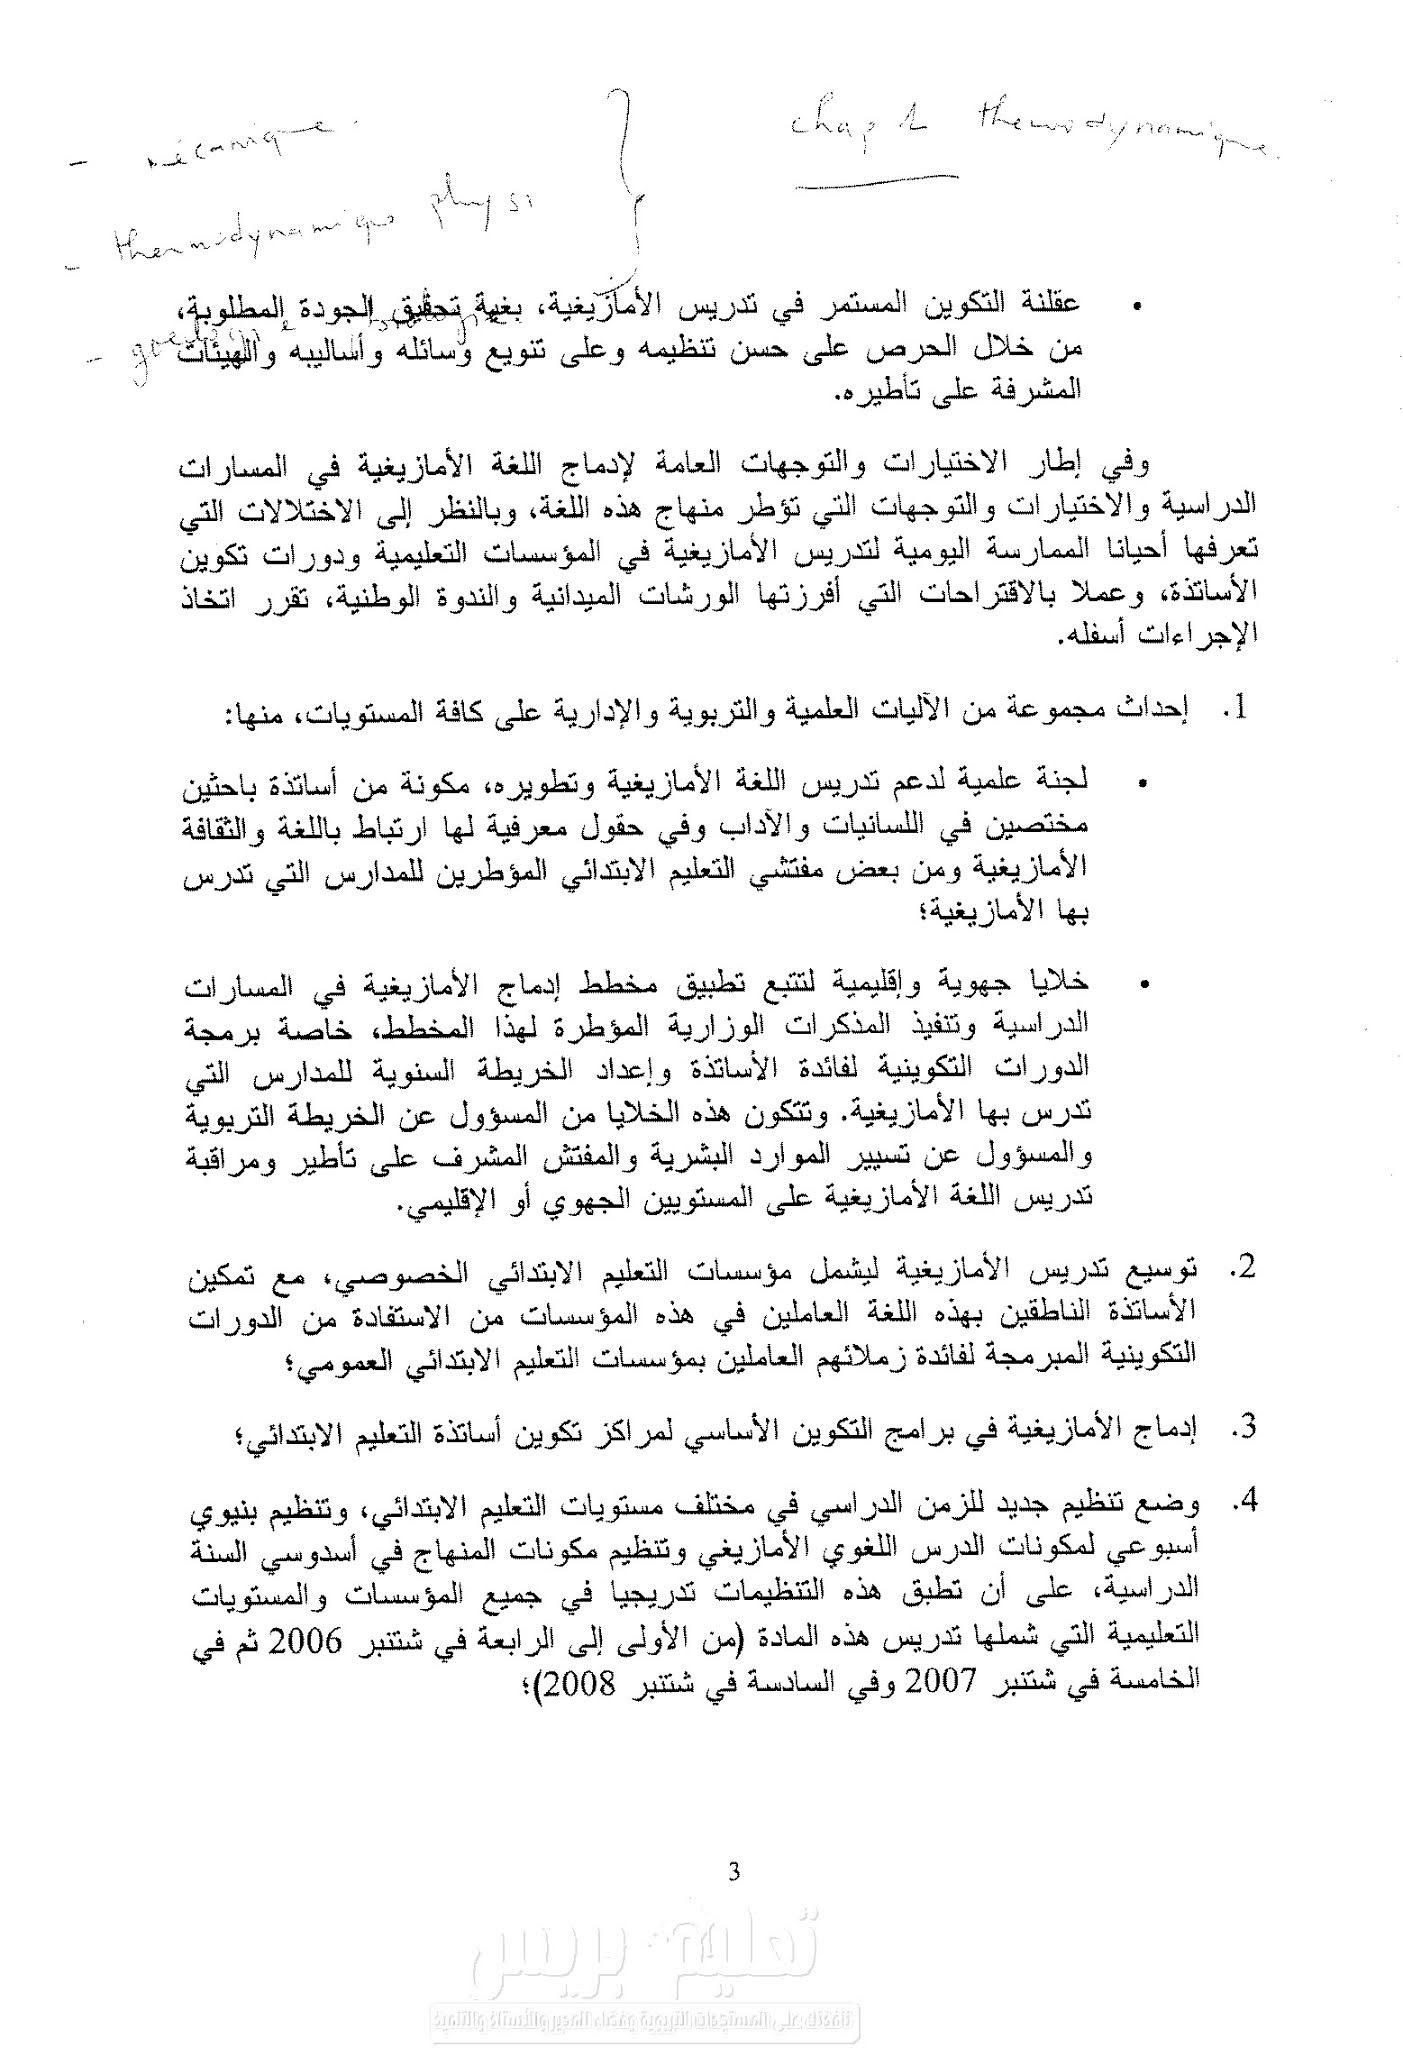 المذكرة 130-2006 المتعلقة بتنظيم تدريس اللغة الأمازيغية وتكوين أساتذتها